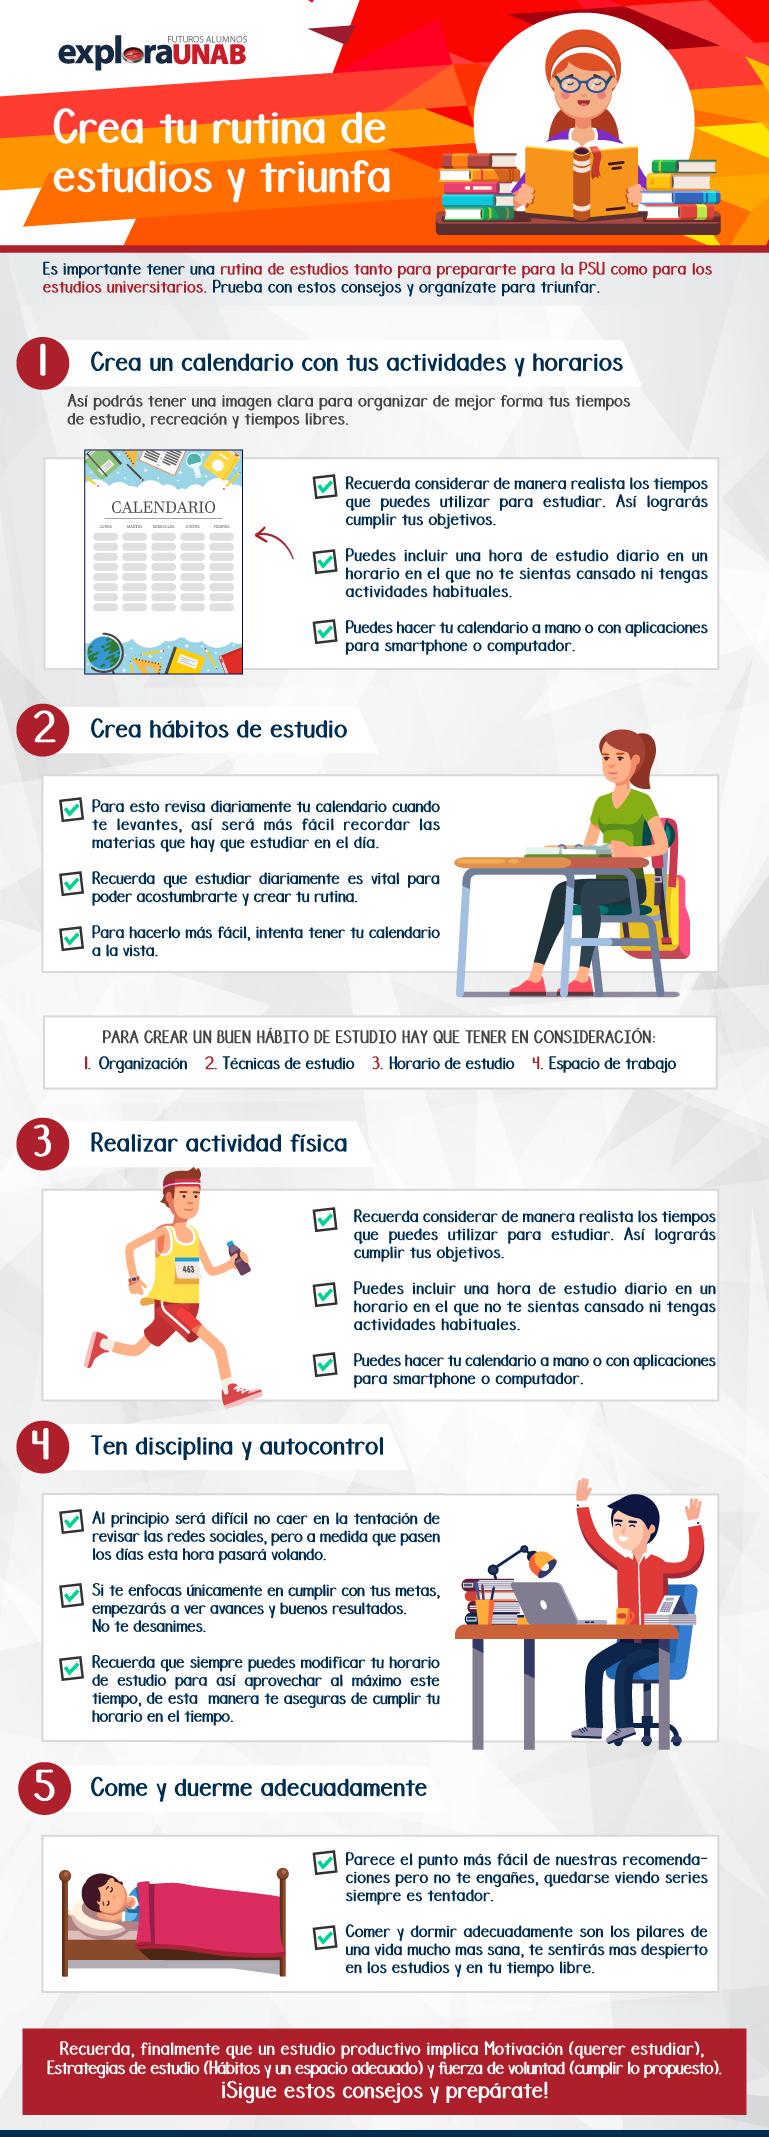 Infografía para crear tu rutina de estudios